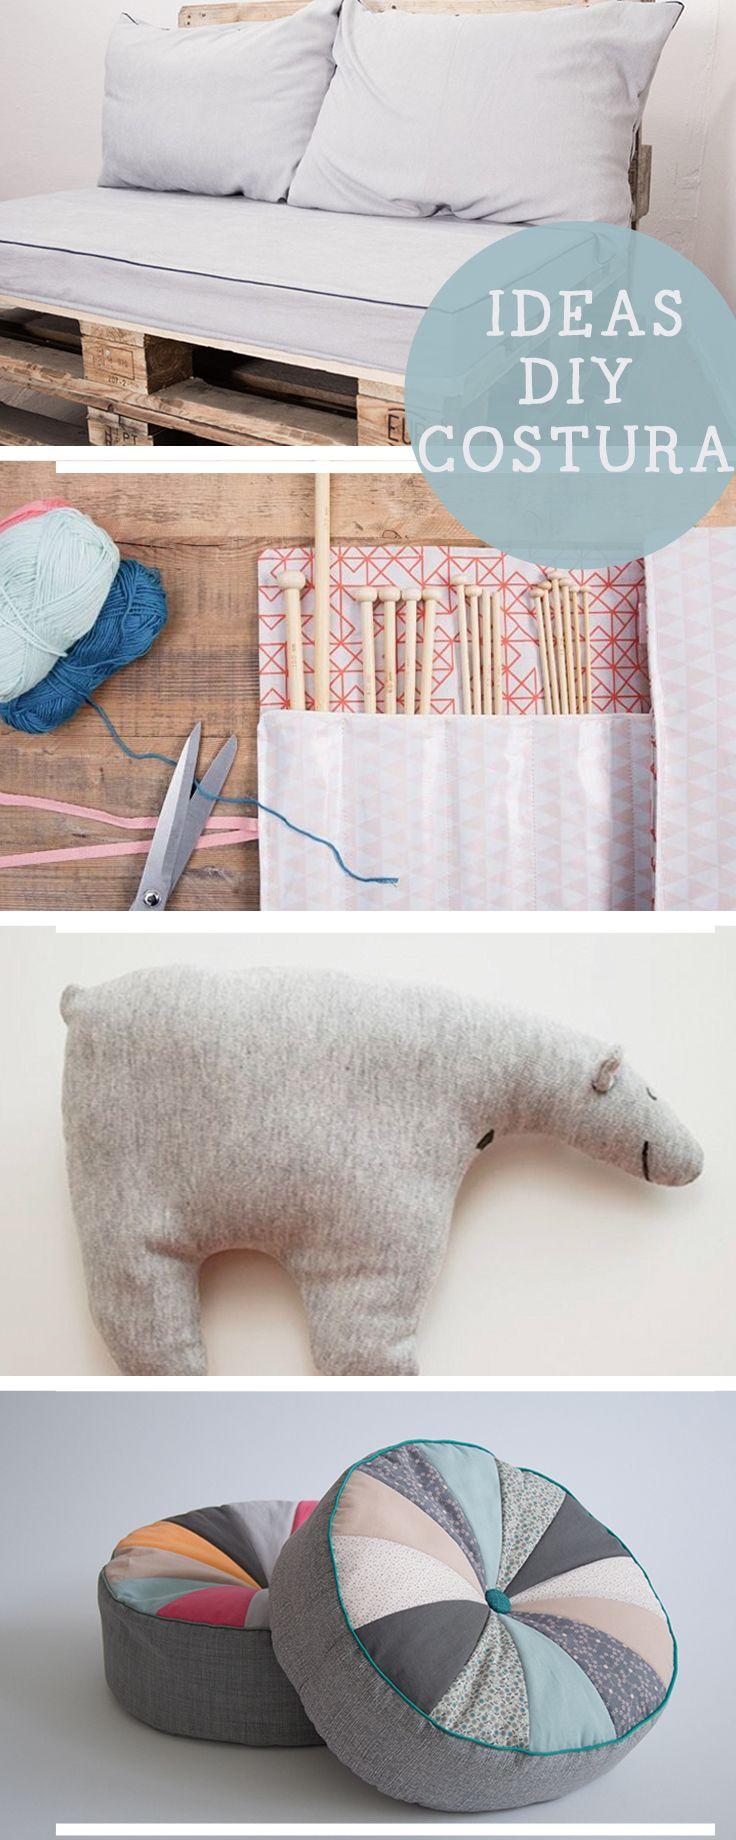 Patrones de costura gratis - Tutoriales DIY con | Pinterest ...